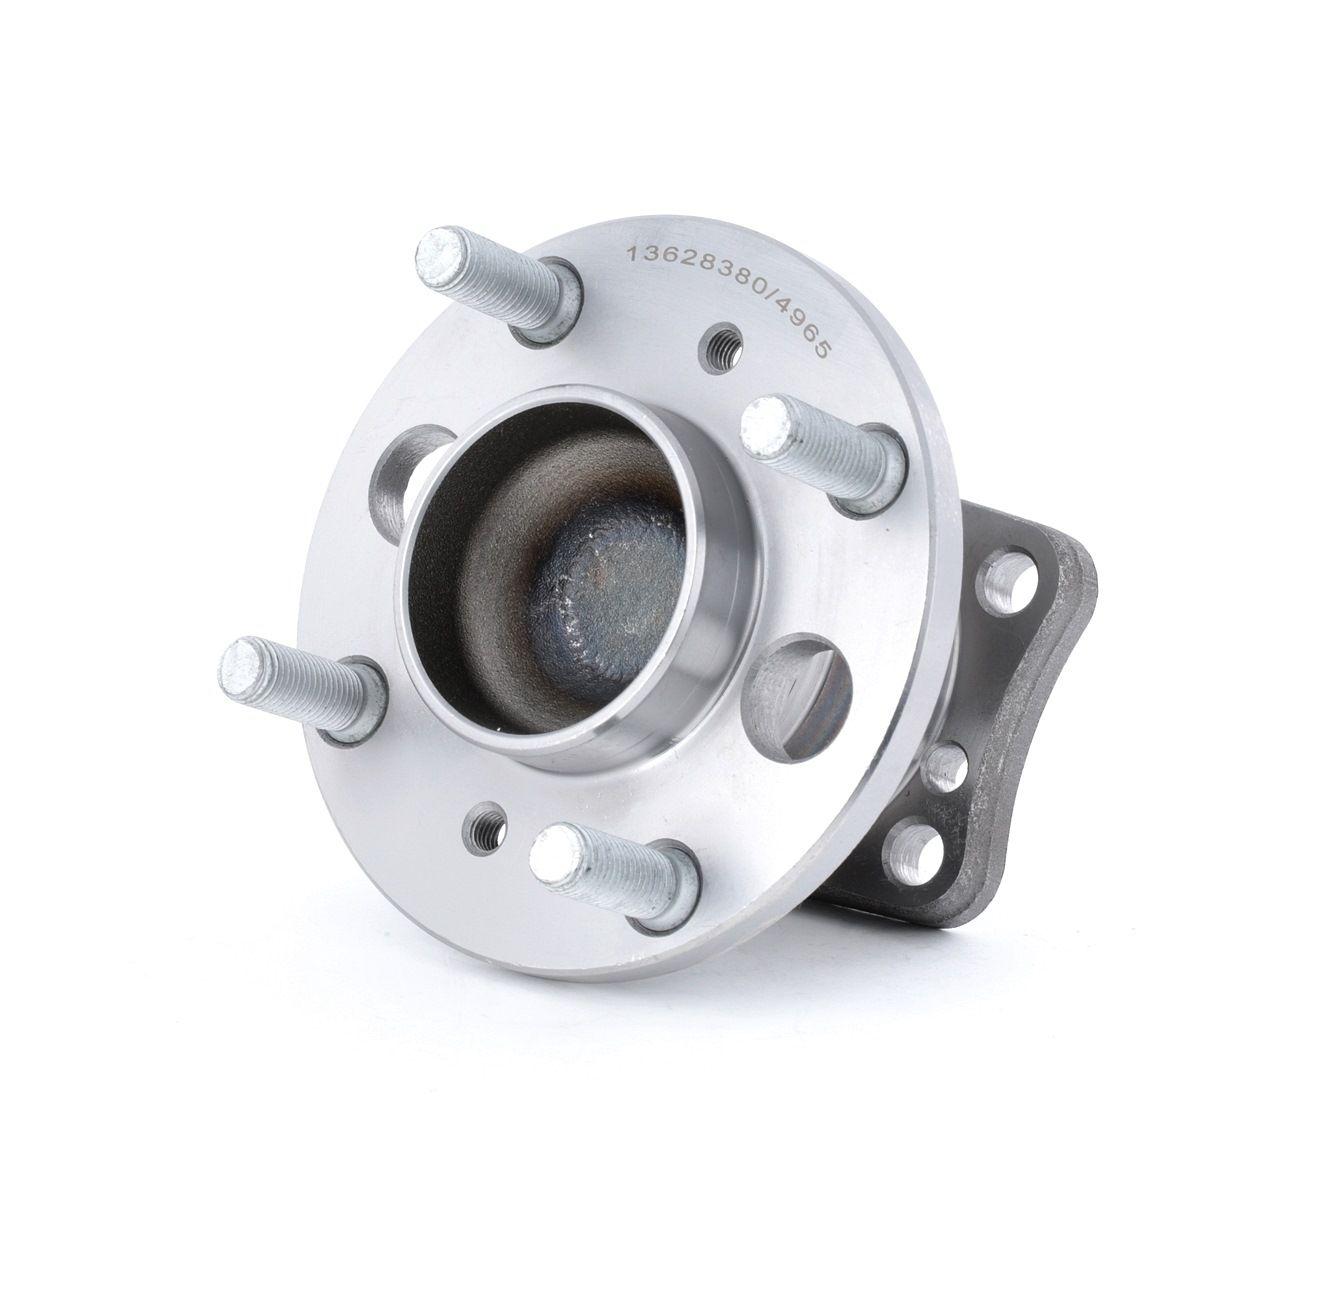 654W0644 RIDEX Hinterachse beidseitig, mit integriertem ABS-Sensor Radlagersatz 654W0644 günstig kaufen